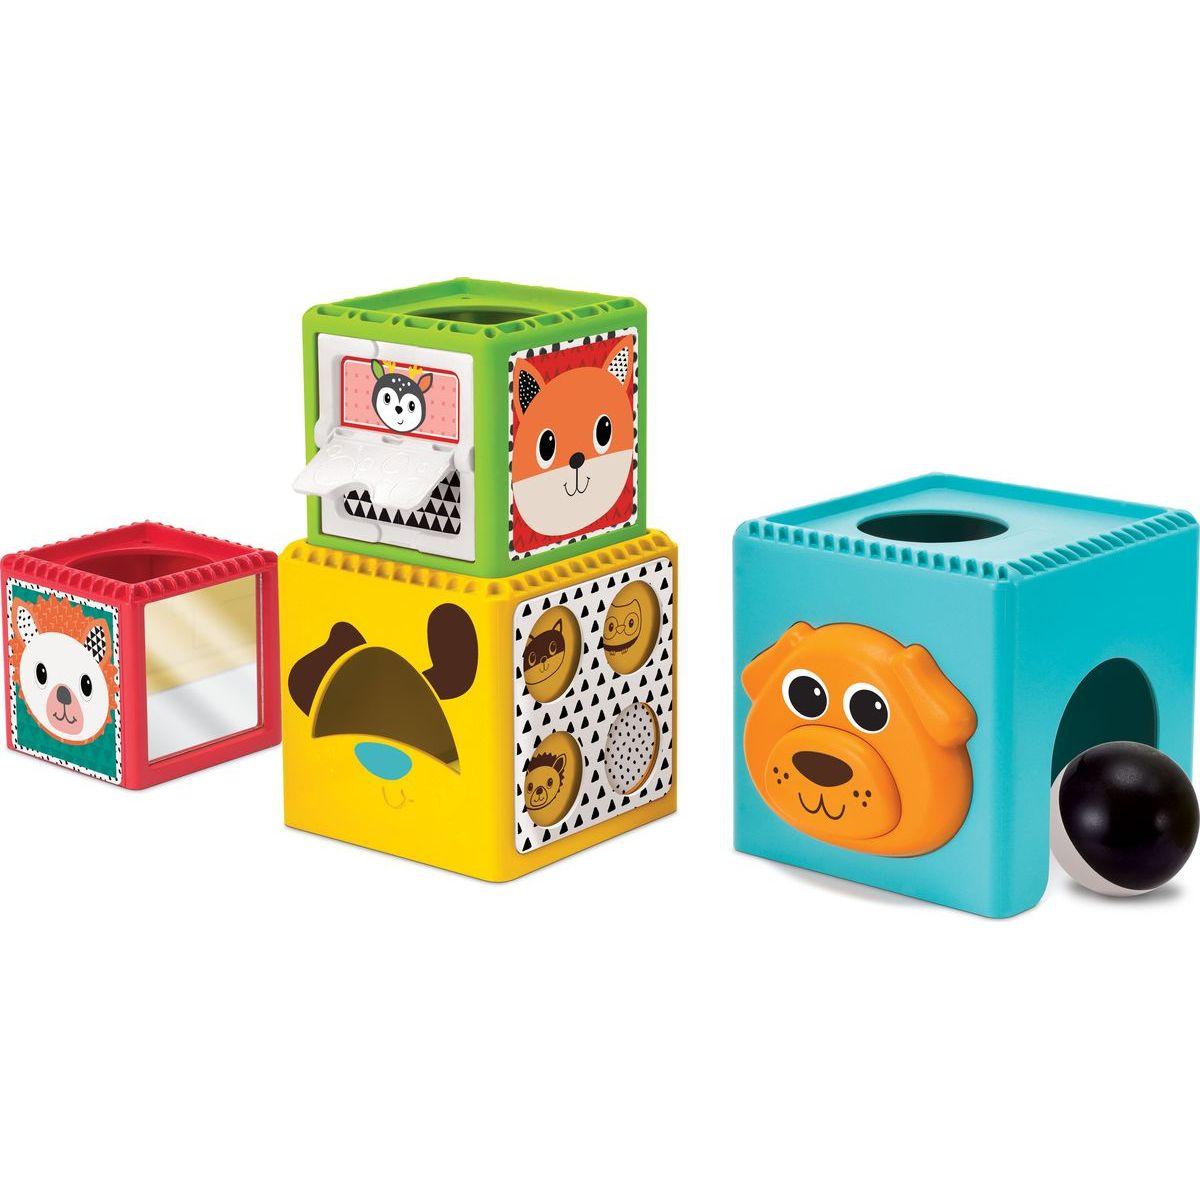 B kids Skladacie kocky Busy Baby Stackers modrá, oranžový psík